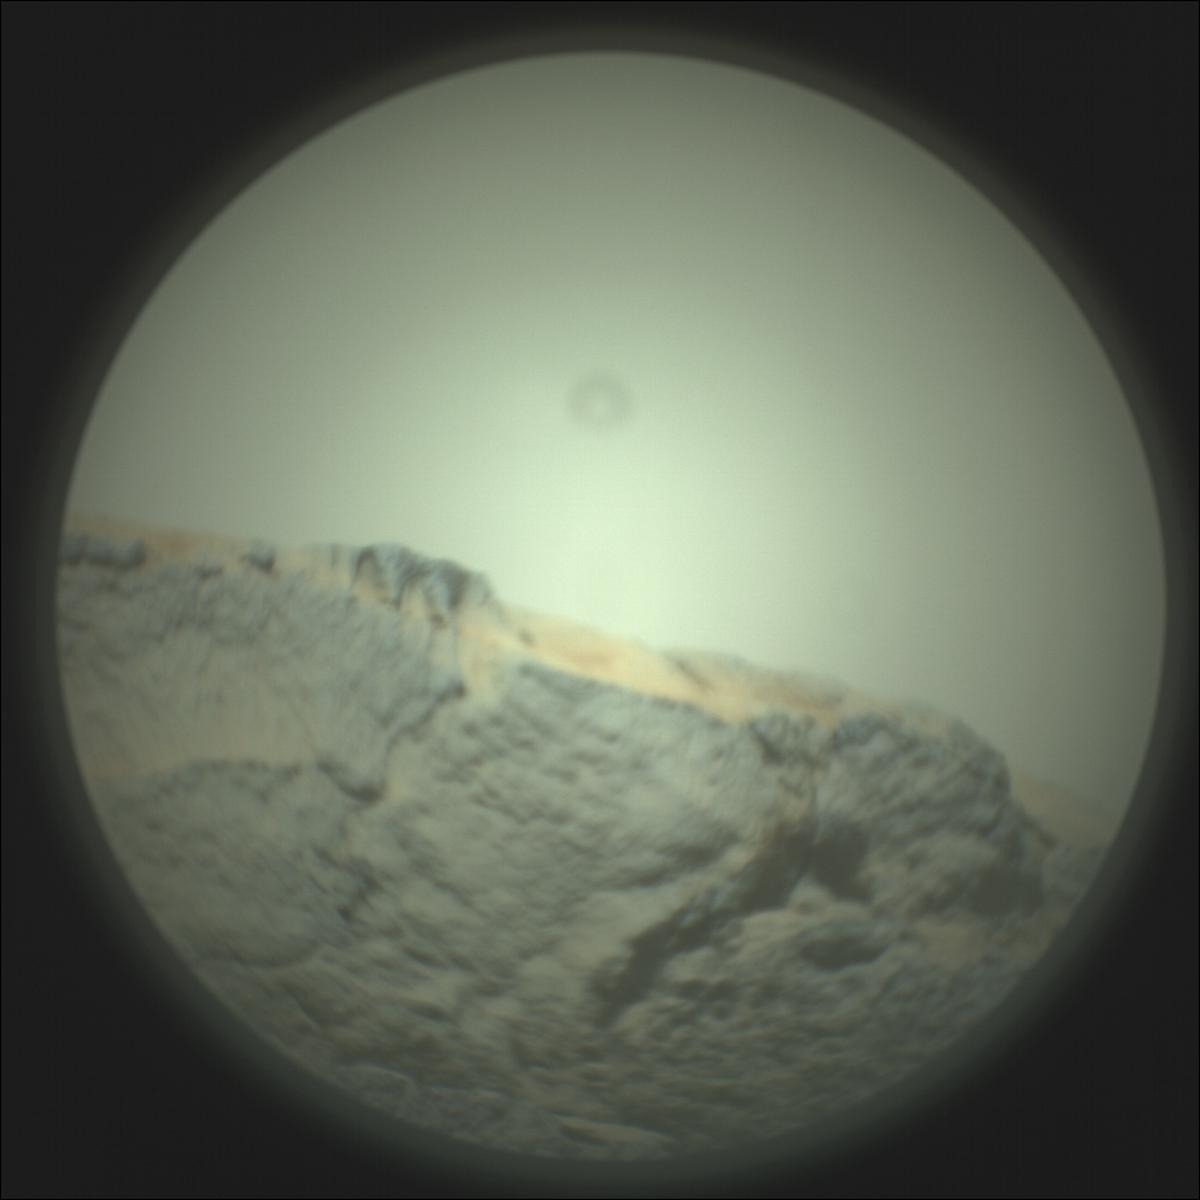 Mars Rover Photo #865425